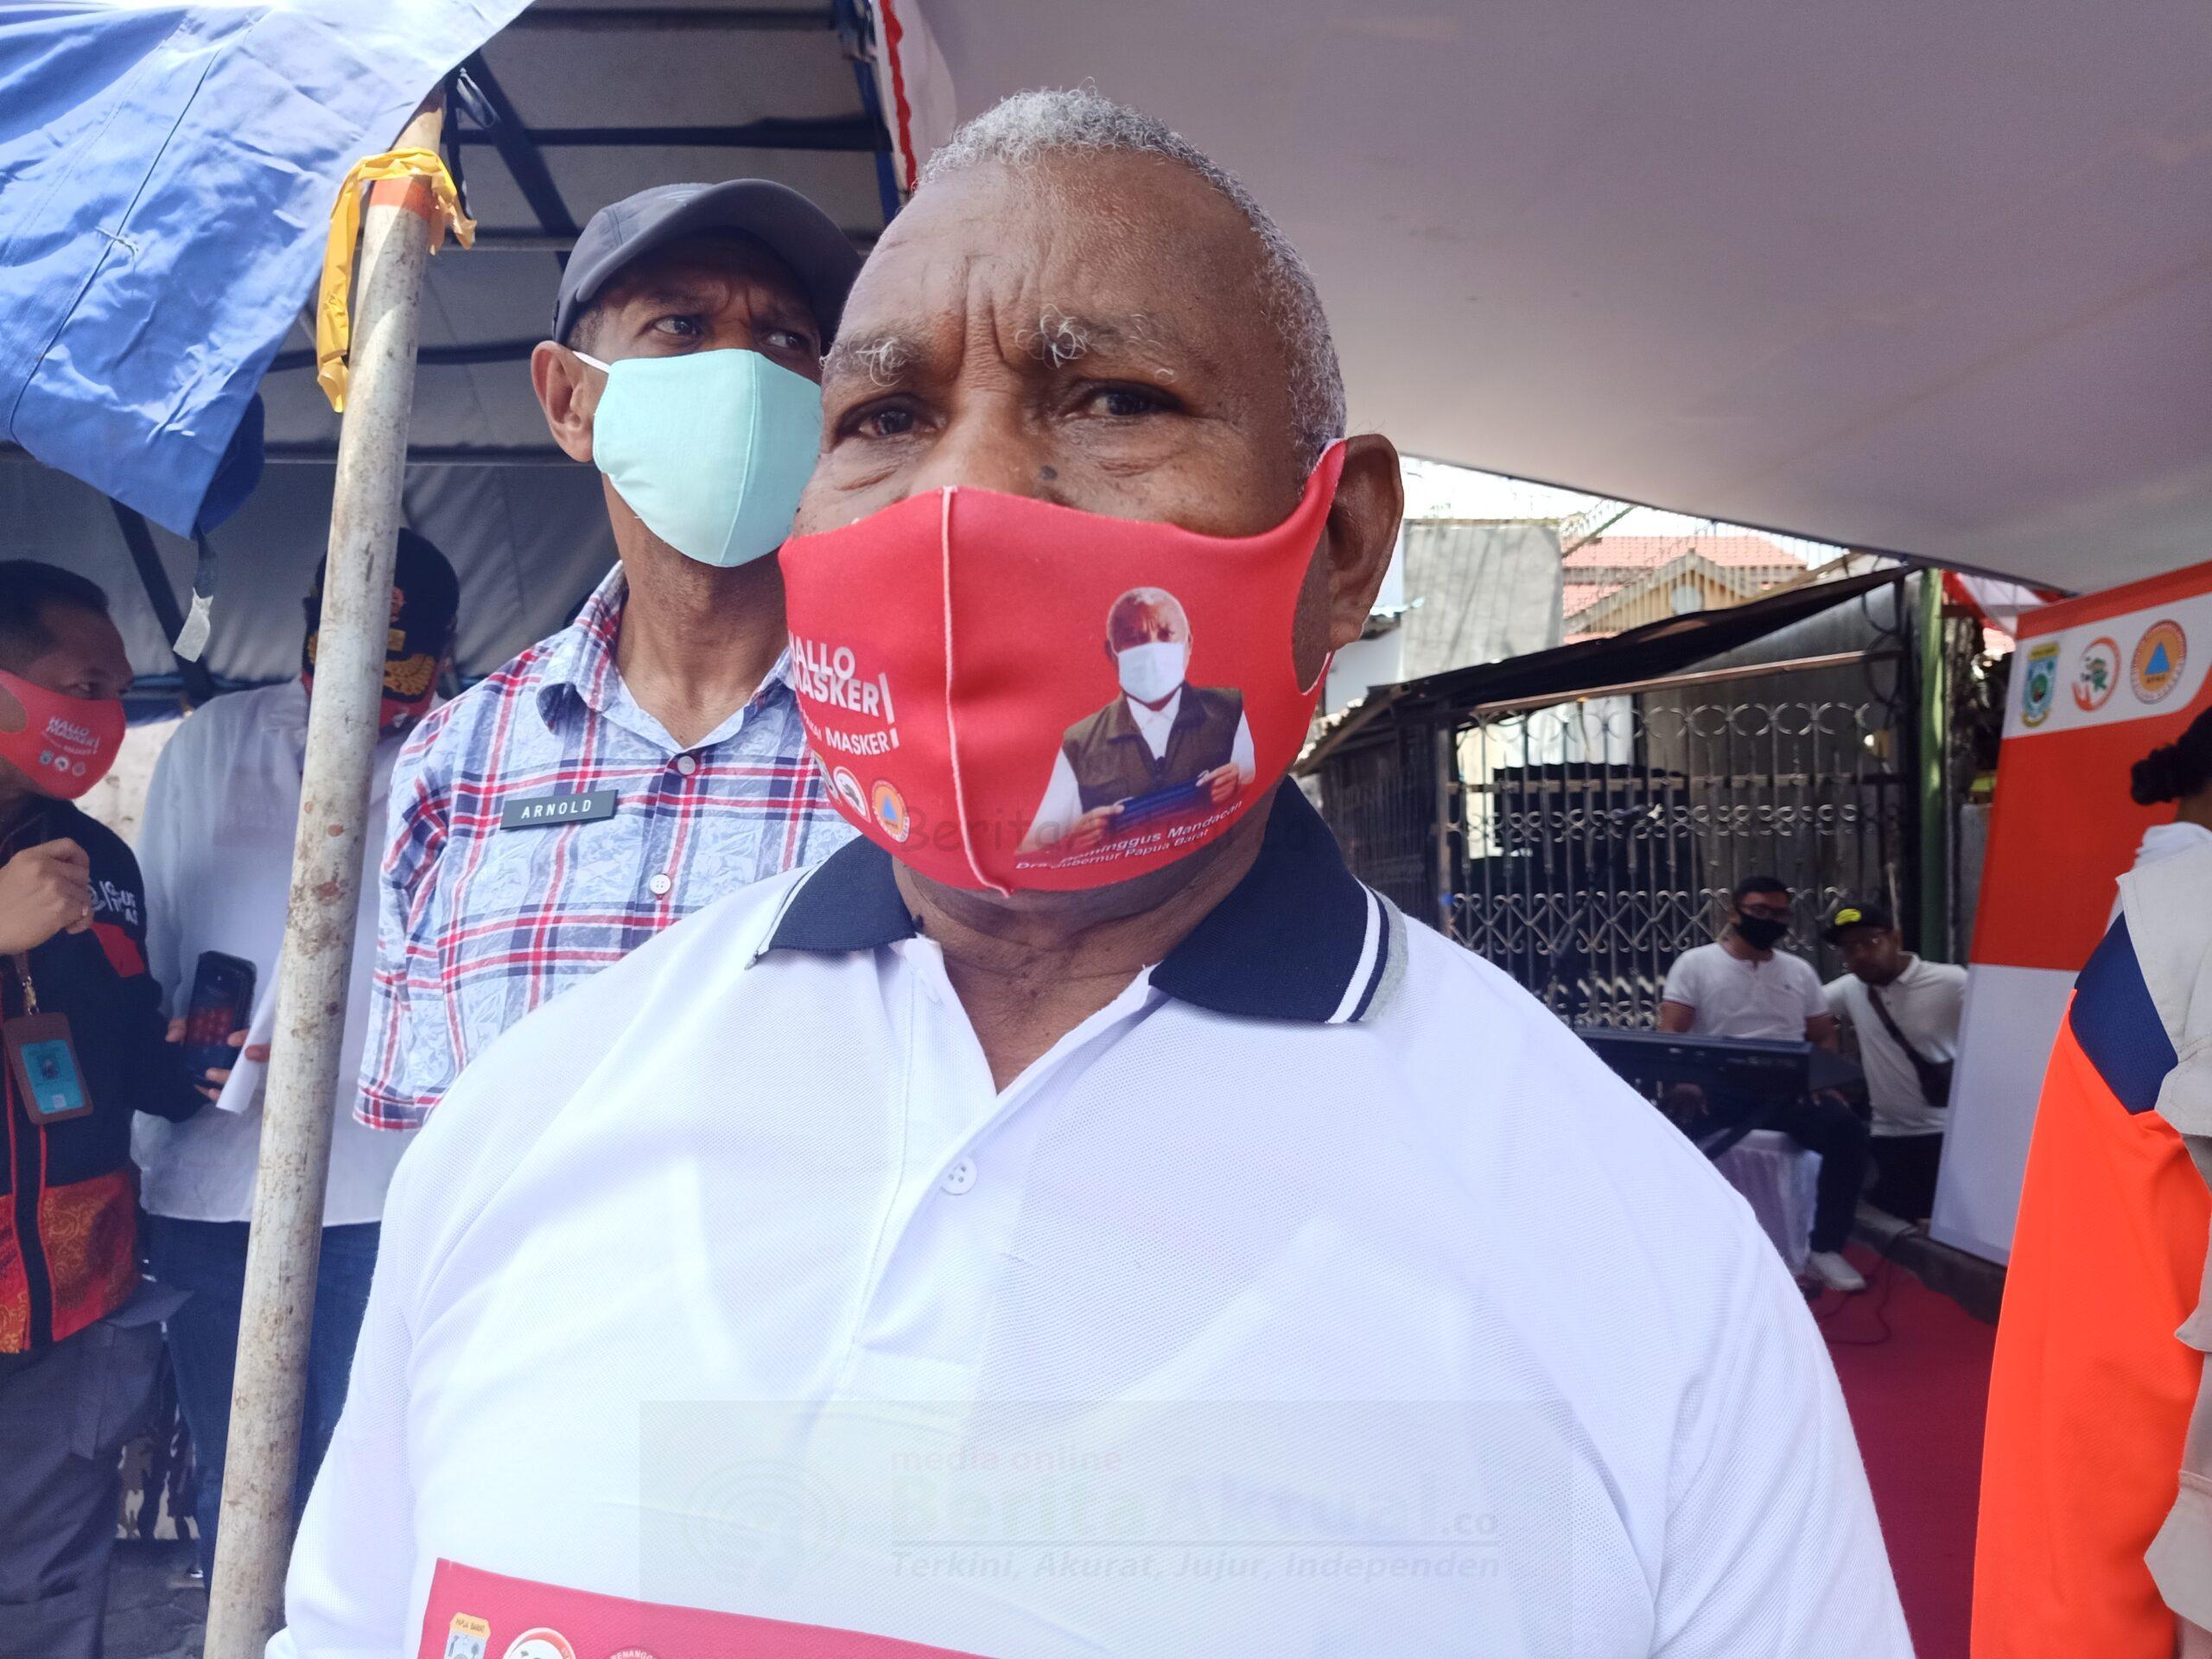 Pemprov Papua Barat Kembali Perpanjang WFH Sampai 23 November 2020 34 IMG20200911111201 1 scaled